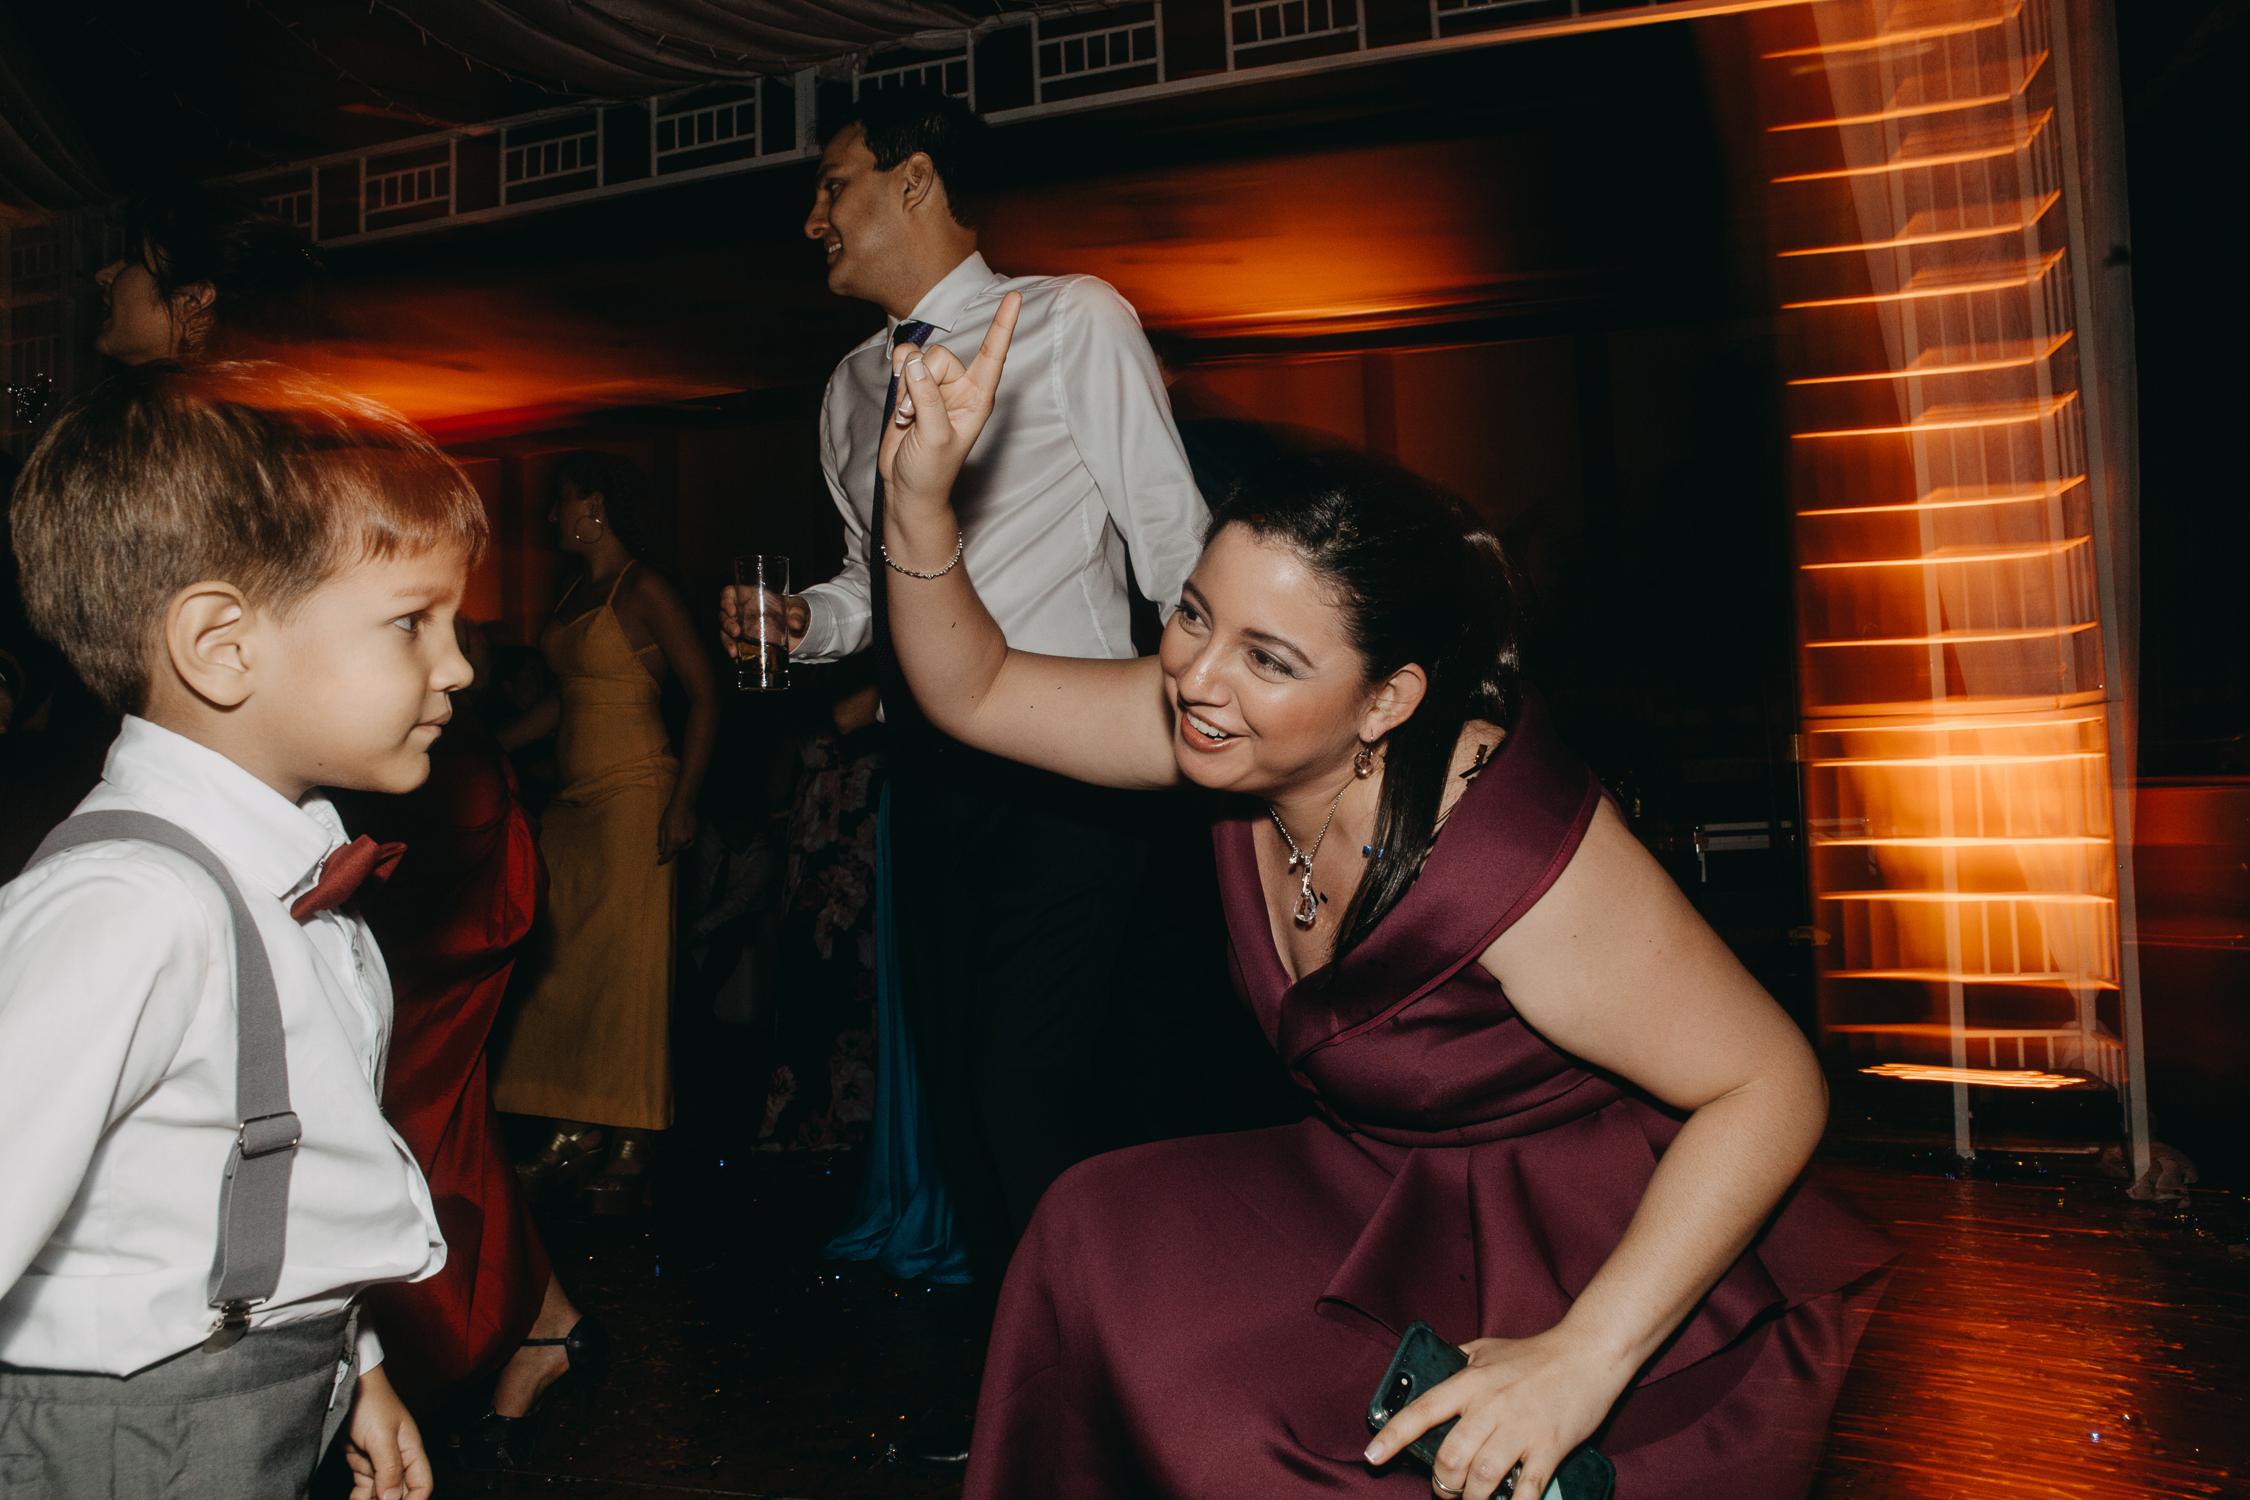 Michelle-Agurto-Fotografia-Bodas-Ecuador-Destination-Wedding-Photographer-Ecuador-Mercedes-Alvaro-282.JPG